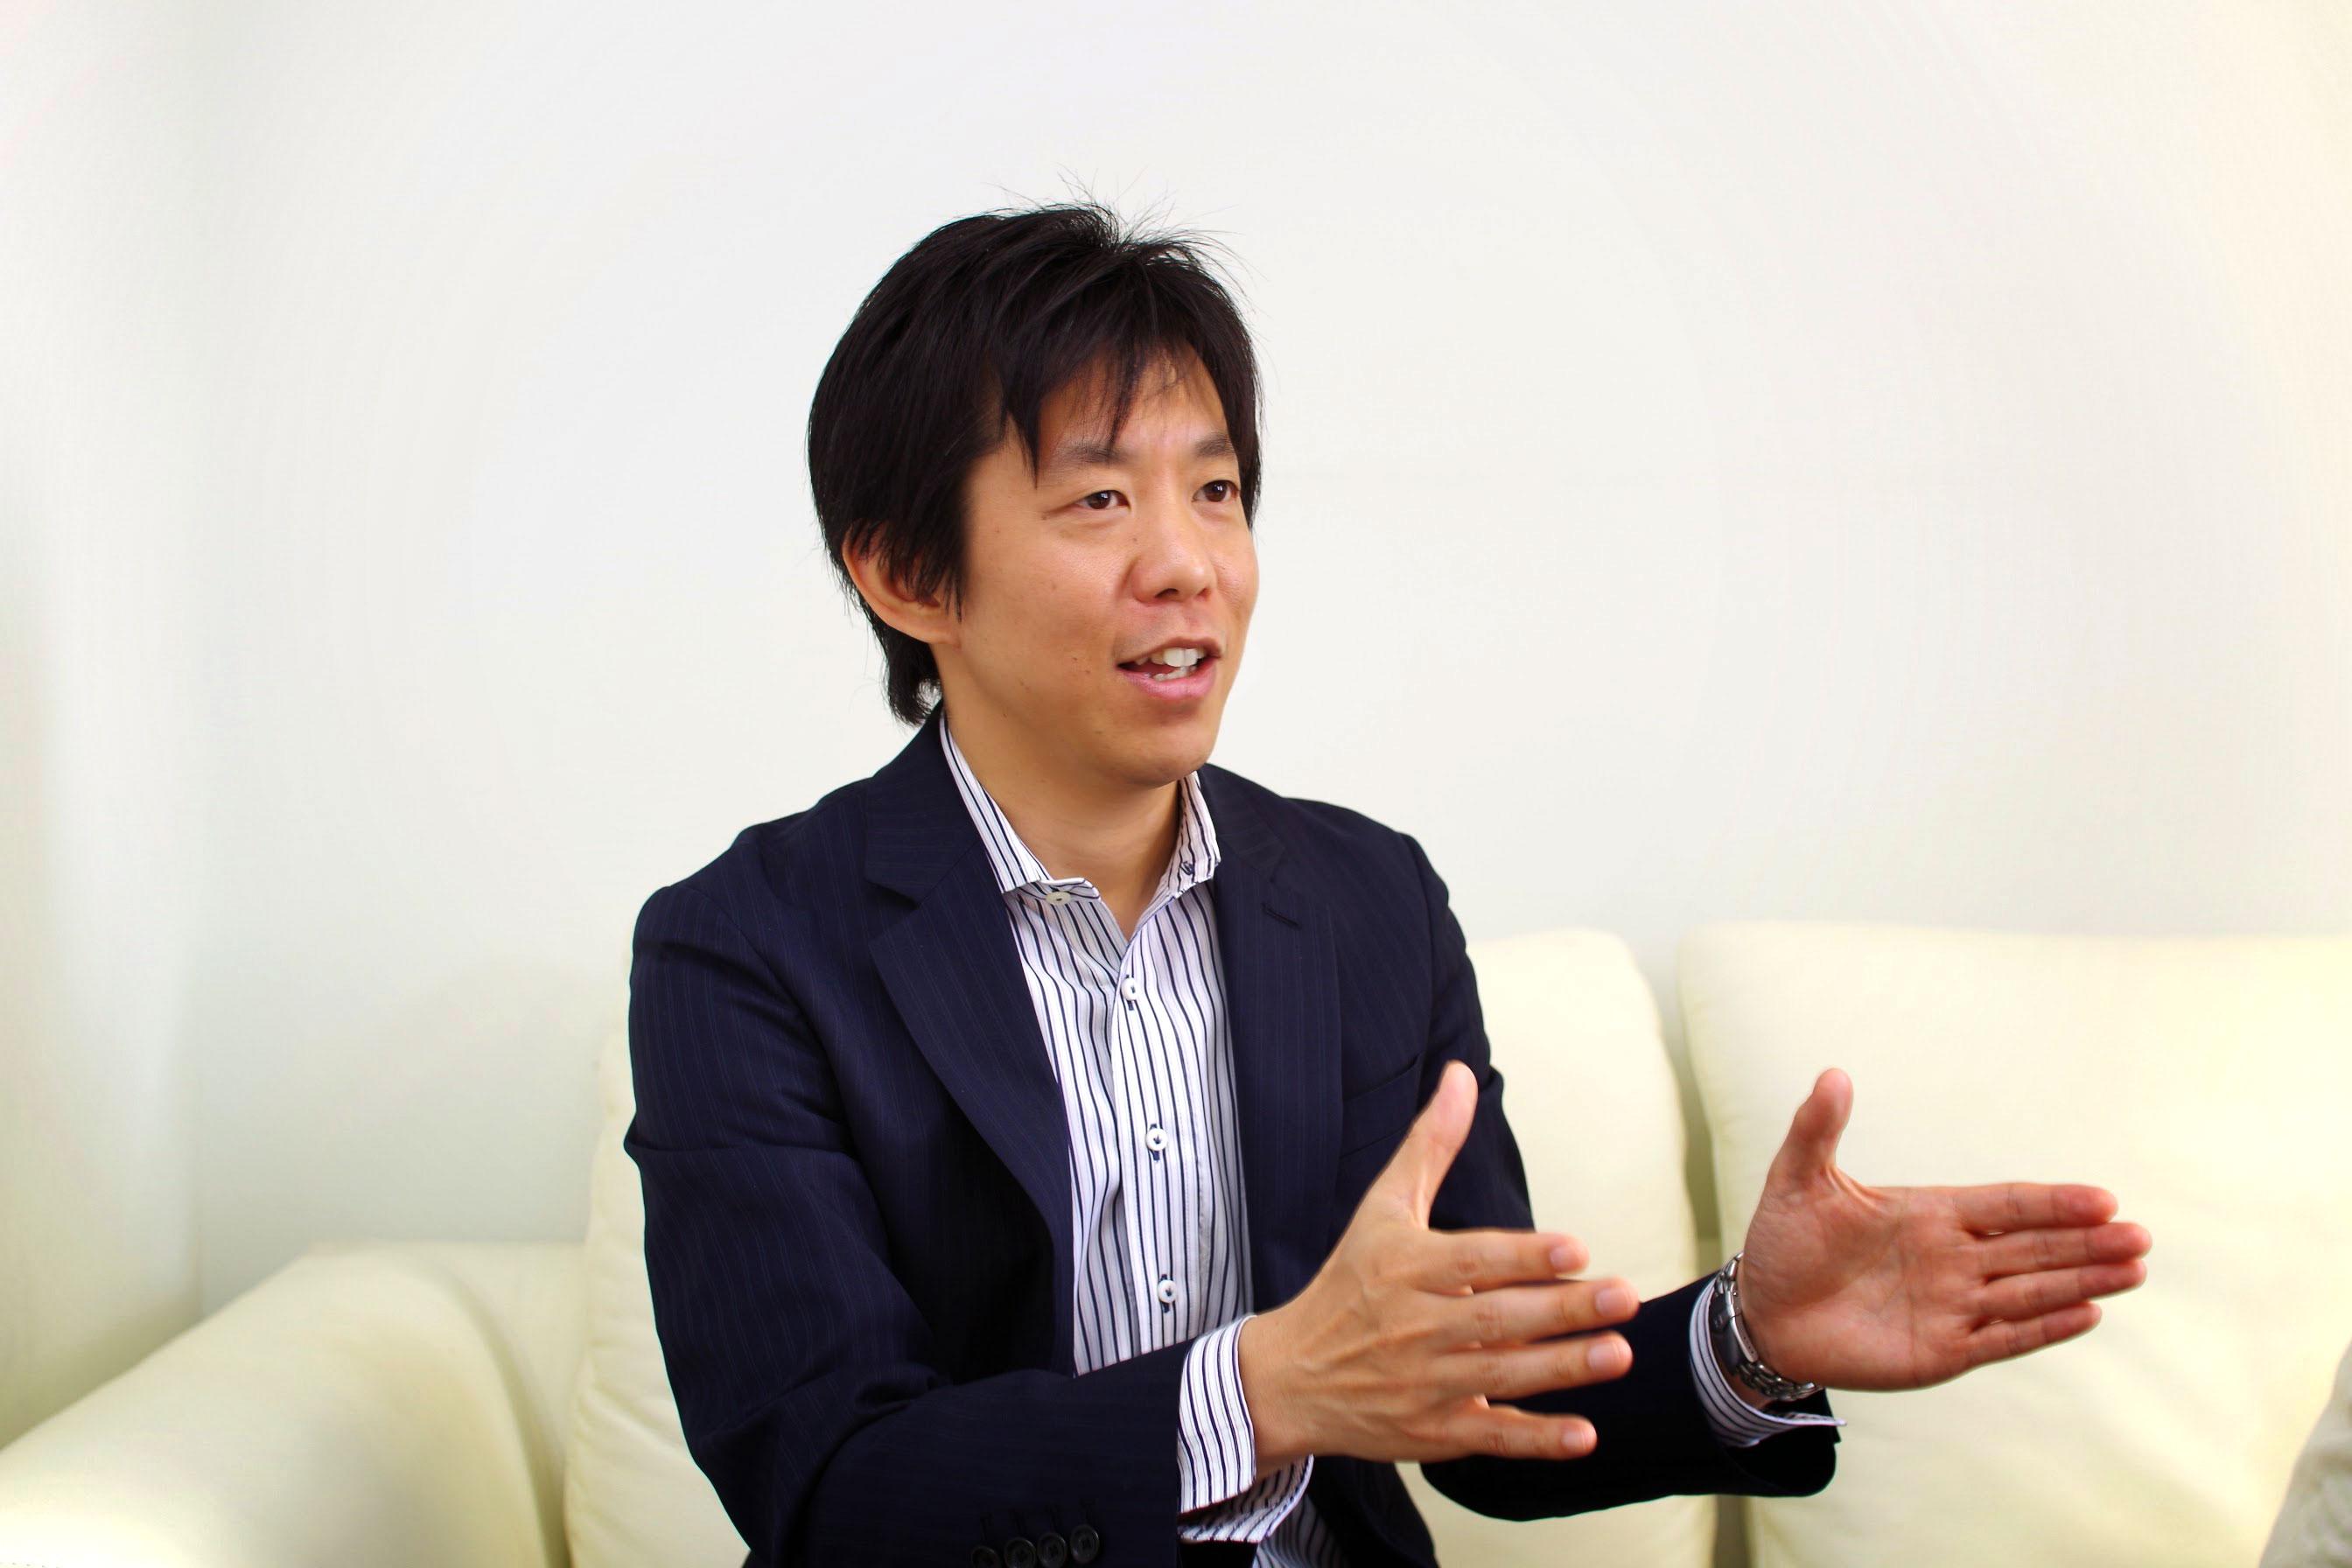 IDCフロンティア ビジネス開発本部ビジネス推進部の粟田和宏部長